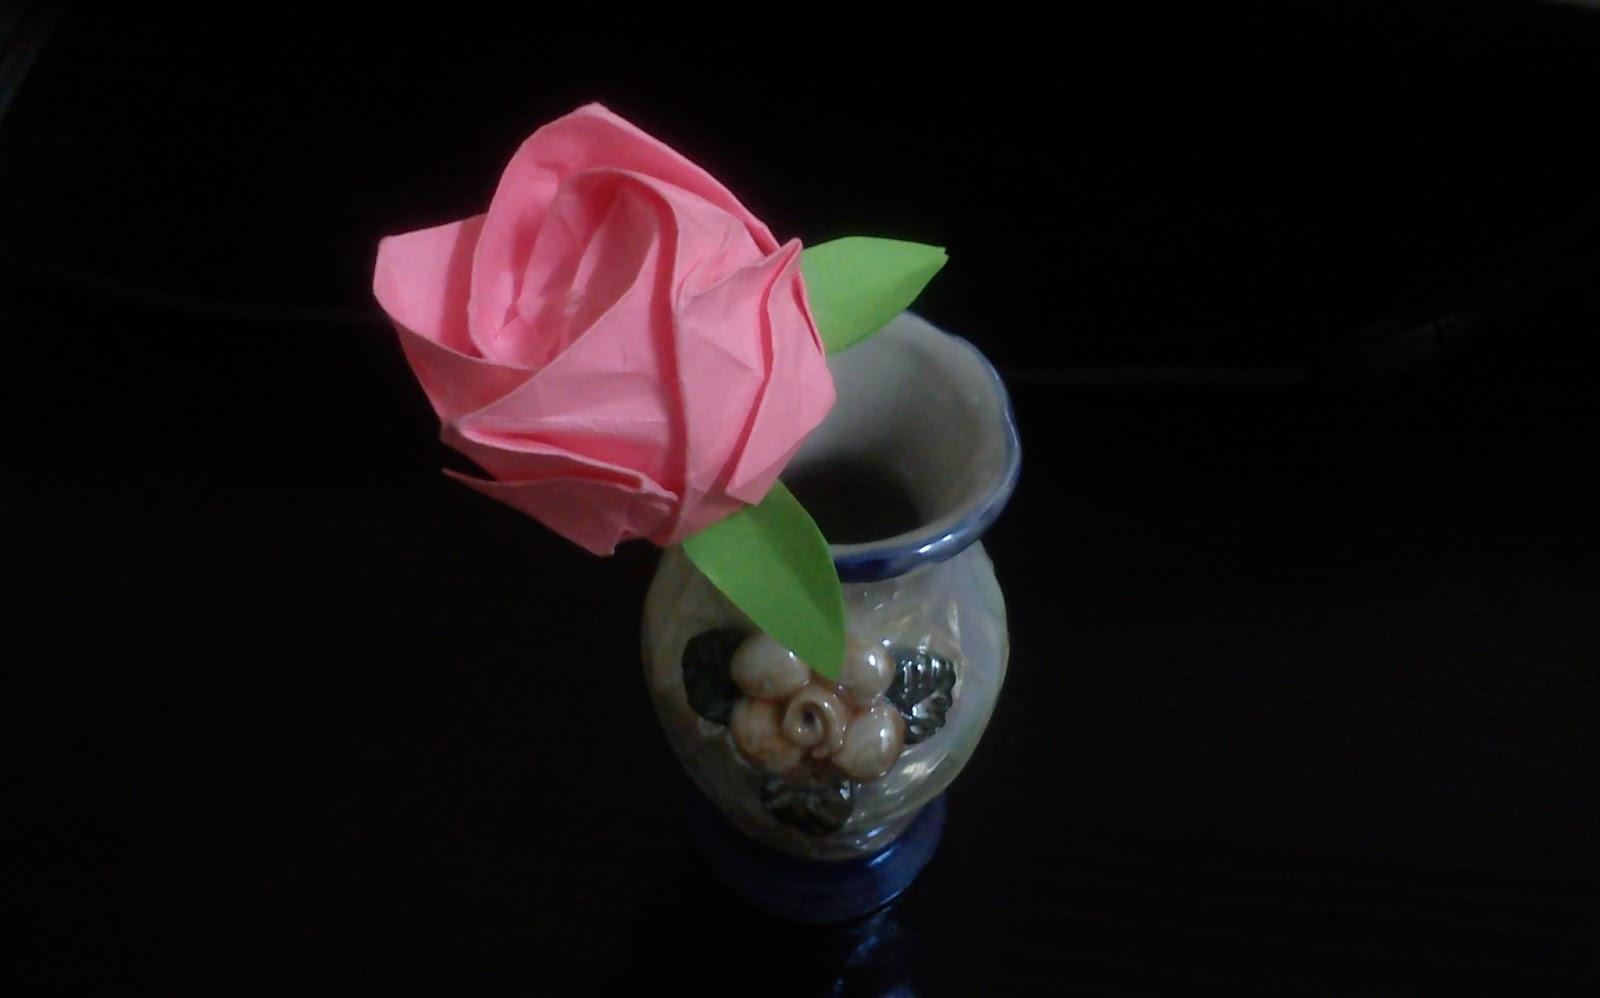 فن الأوريجامى ORIGAMI: Origami Kawasaki Rose - photo#43